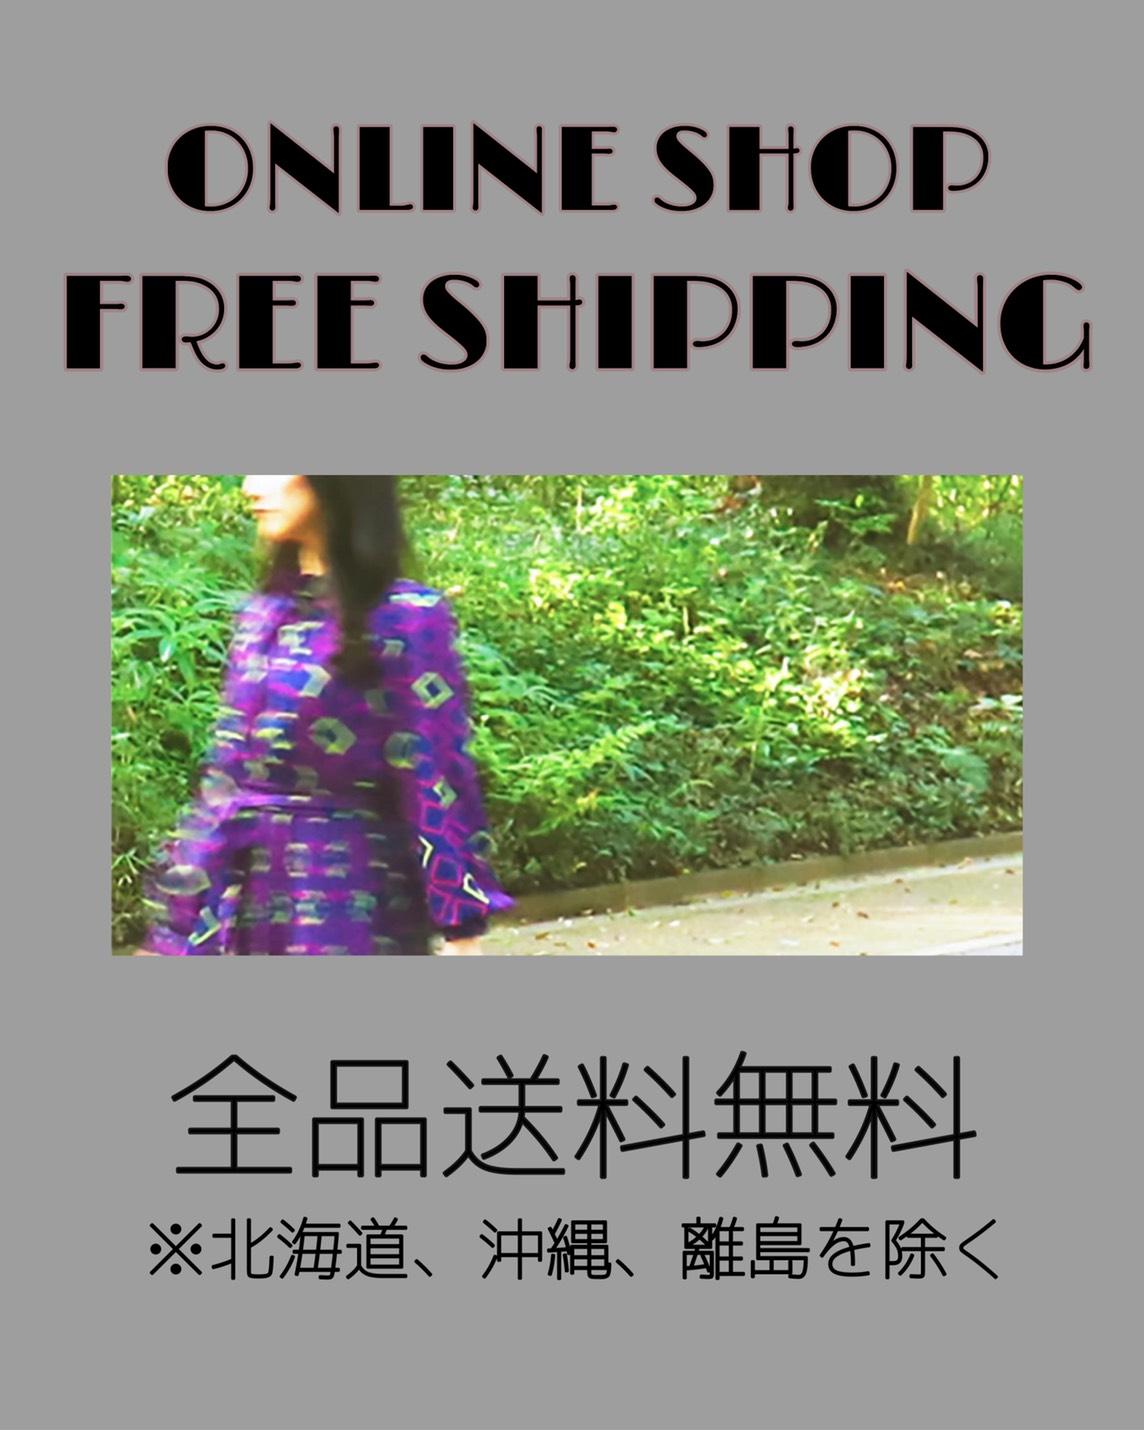 【お知らせ②】本日よりお客様負担の送料が無料となります!